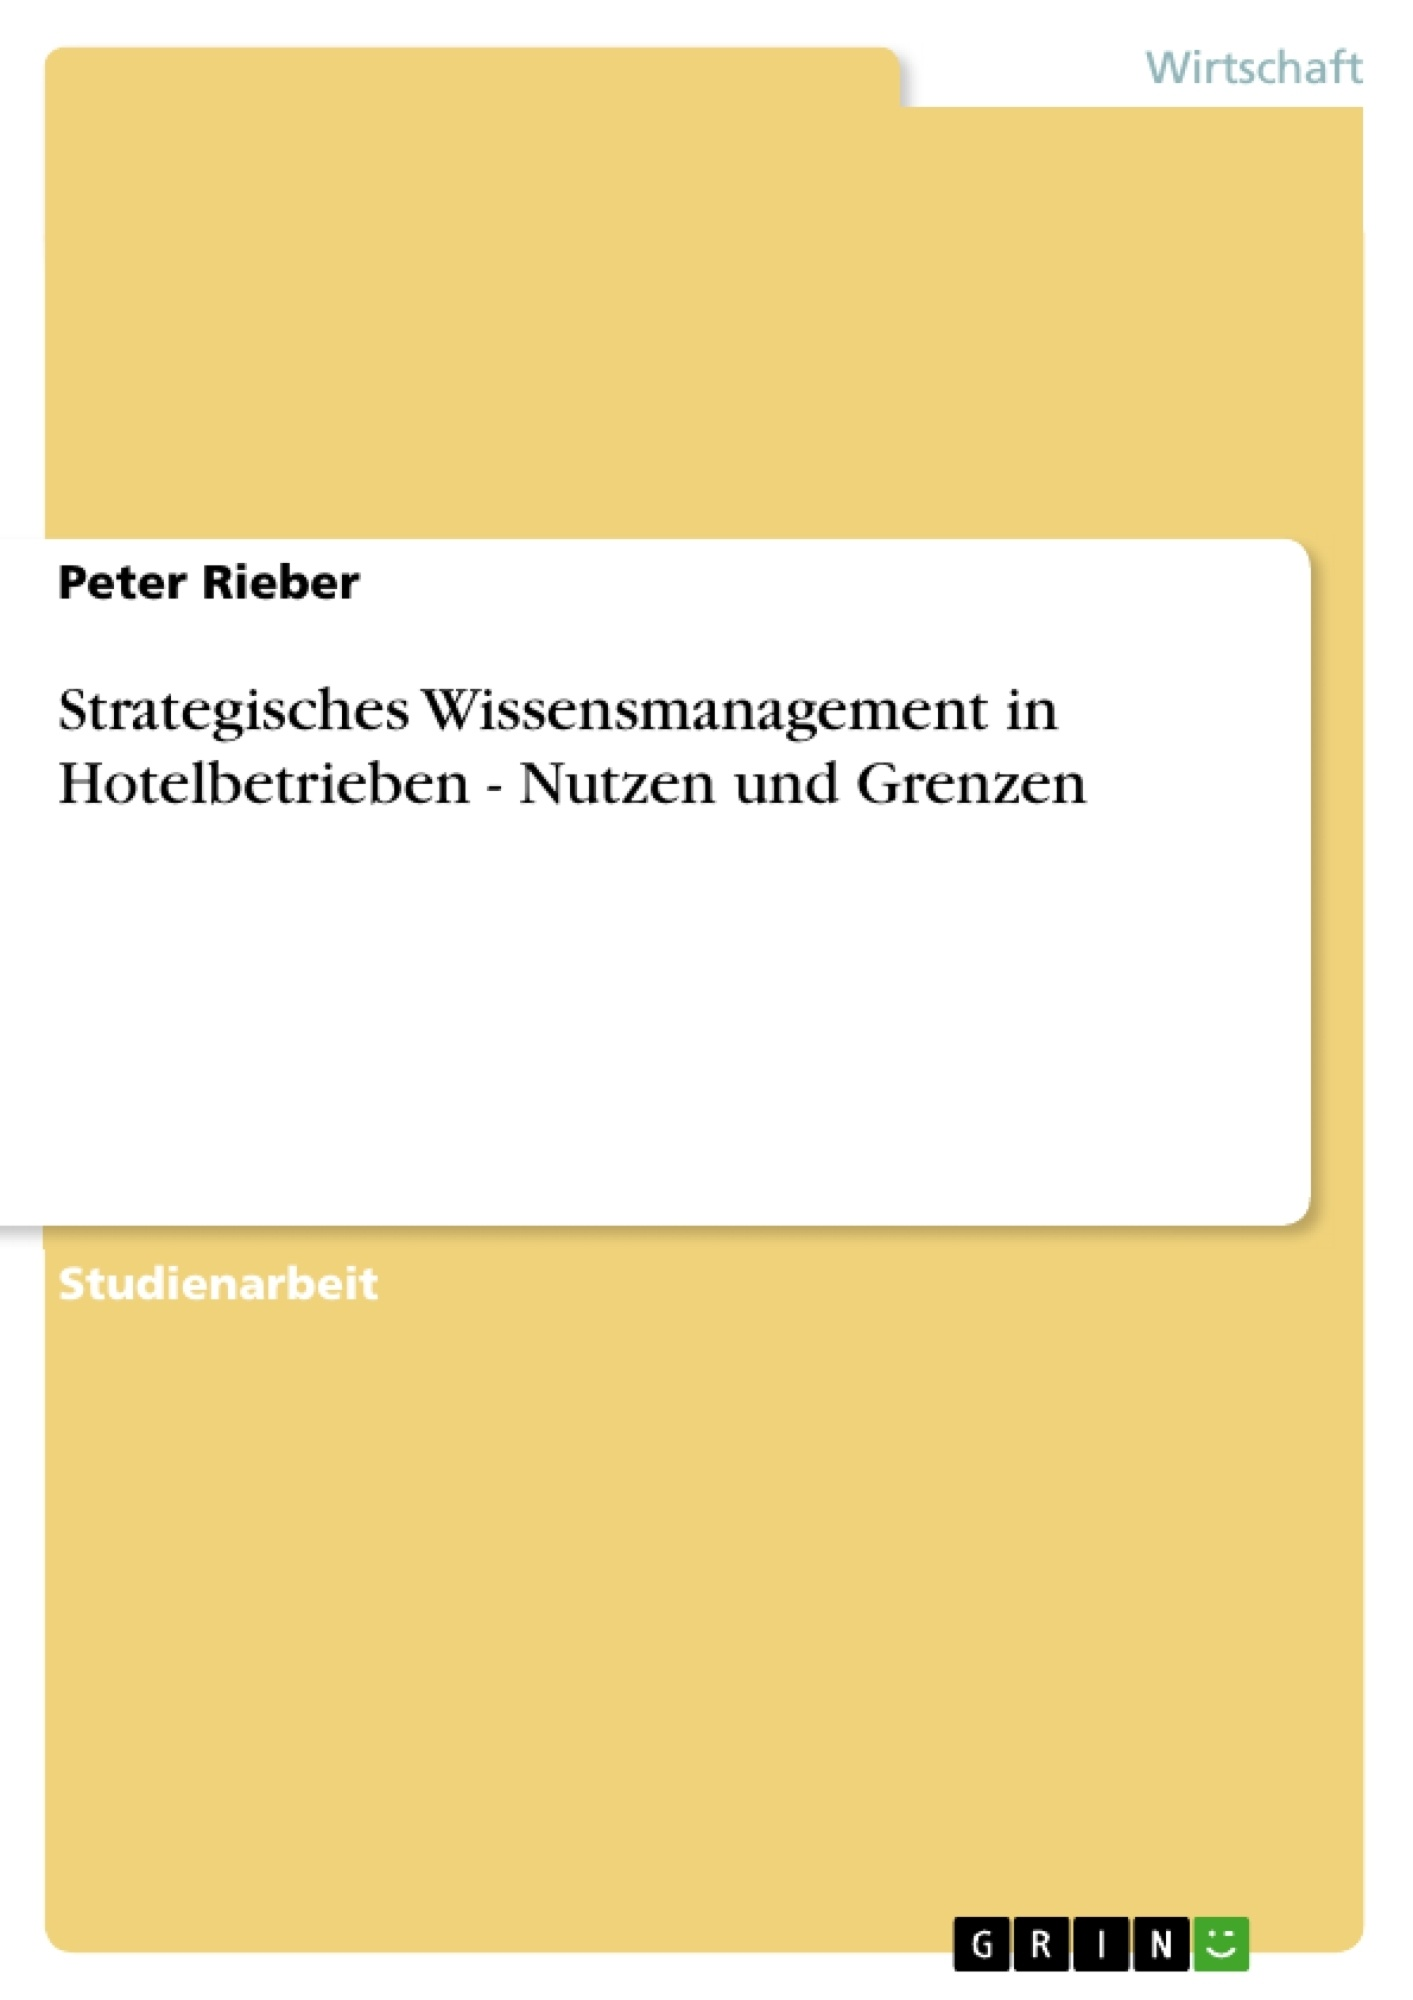 Titel: Strategisches Wissensmanagement in Hotelbetrieben - Nutzen und Grenzen